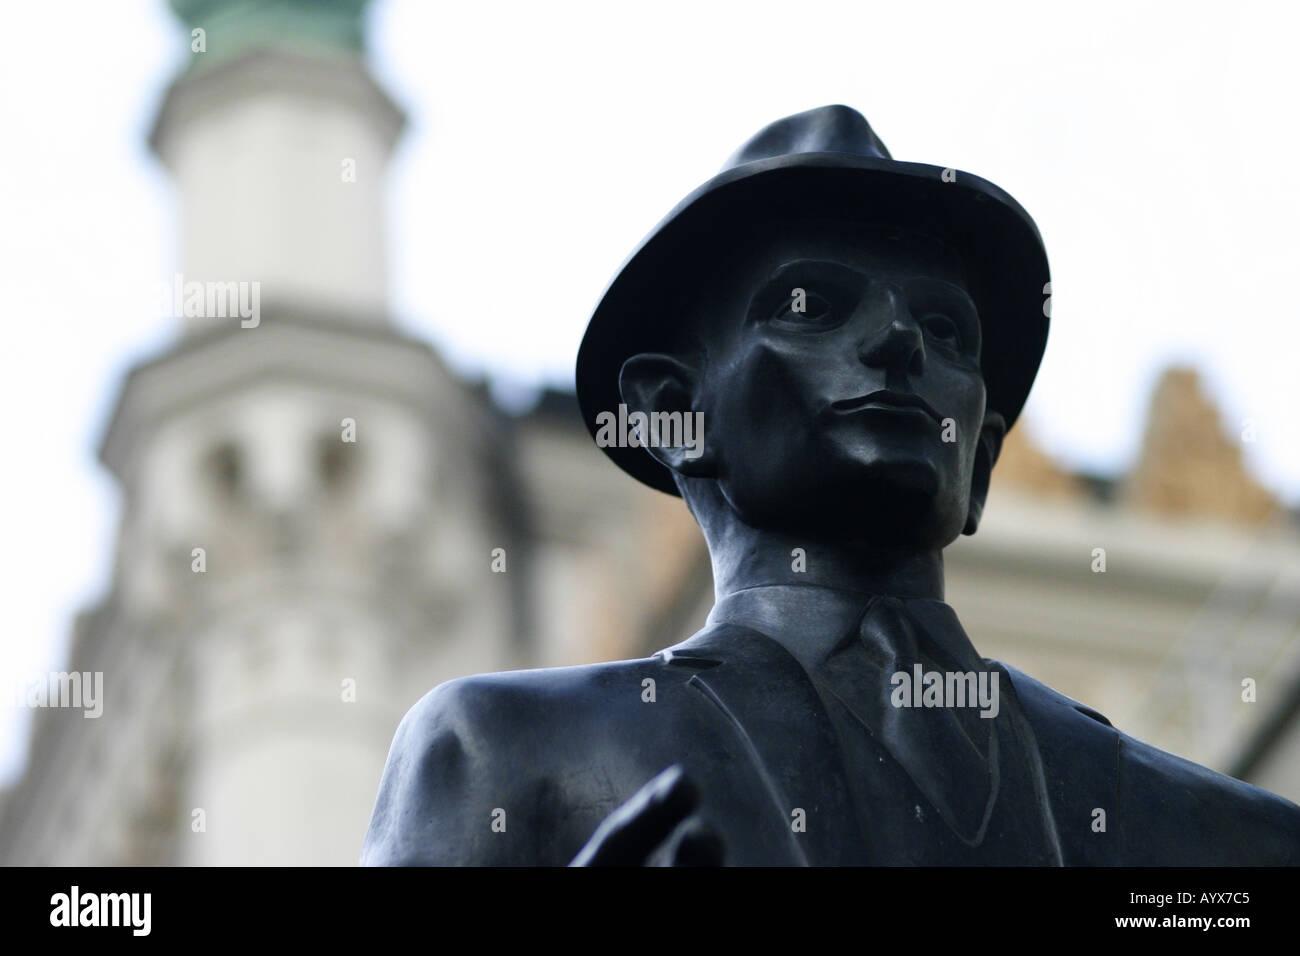 Franz Kafka statua Praga città capitale della Repubblica ceca vicino la testa verticale Foto Stock